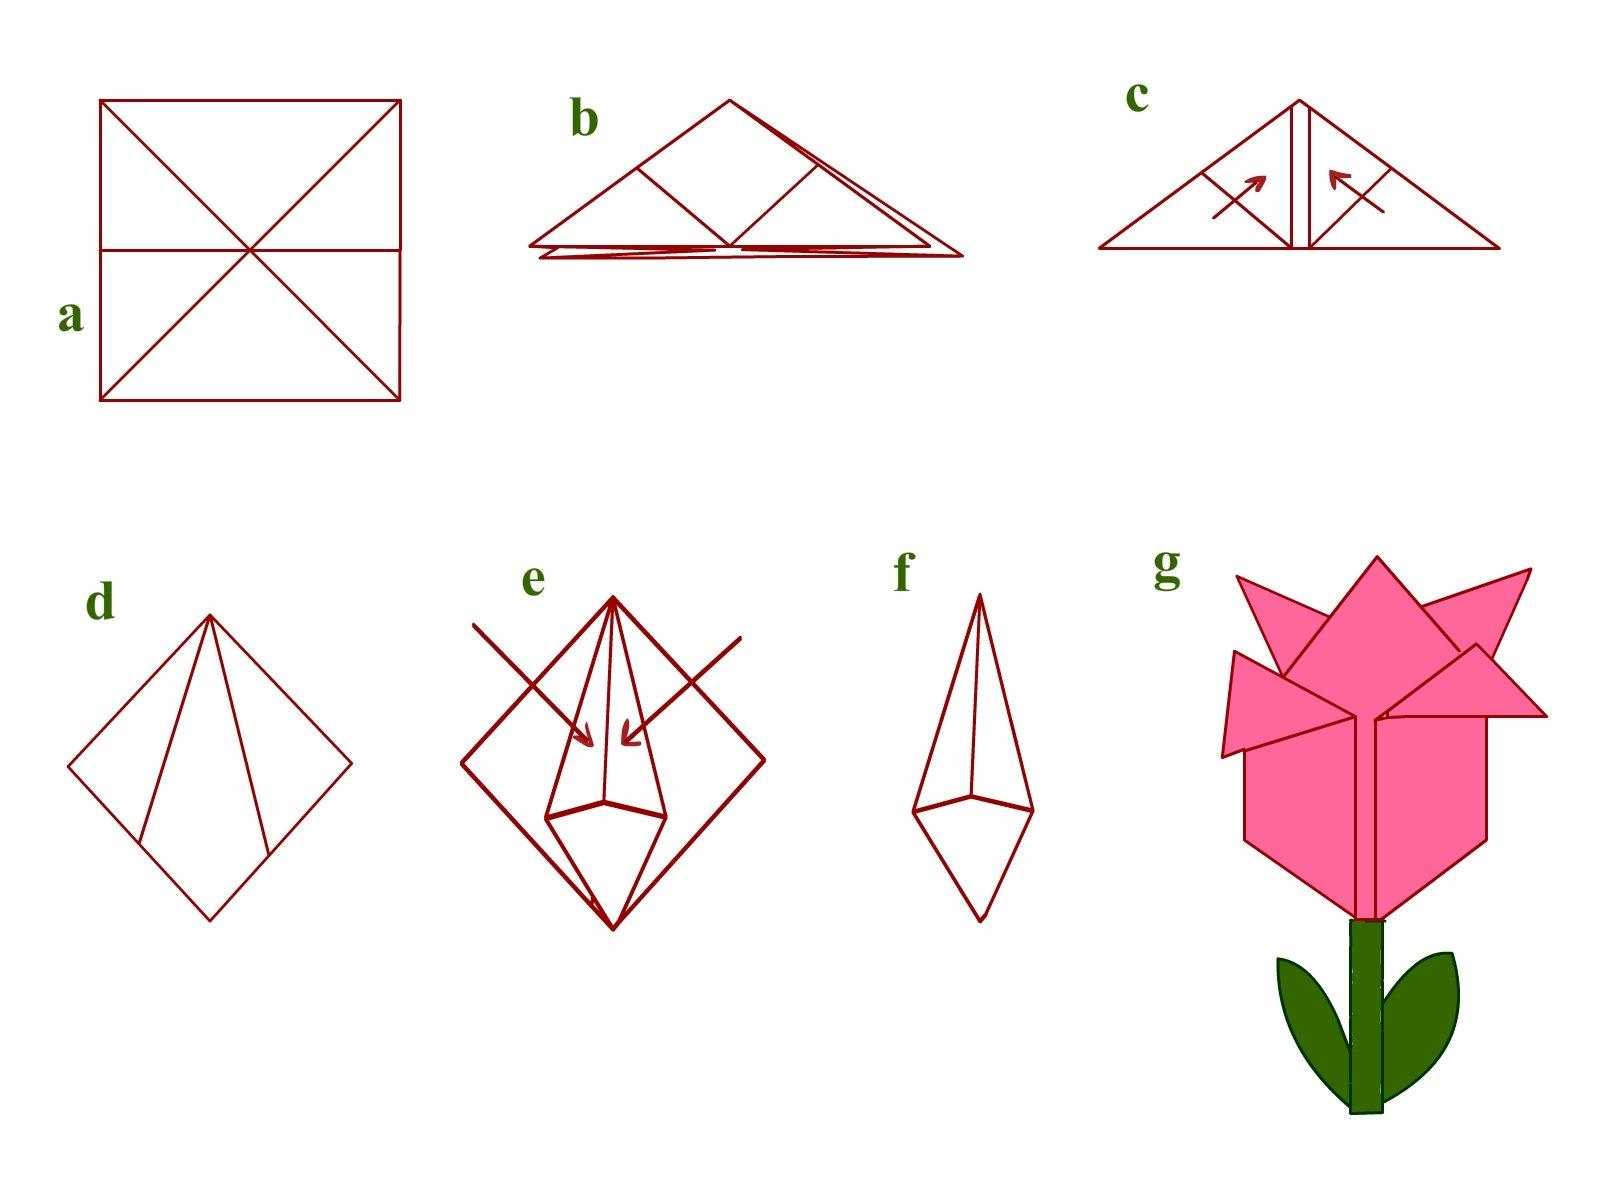 Тюльпан из бумаги своими руками пошаговая инструкция фото 45